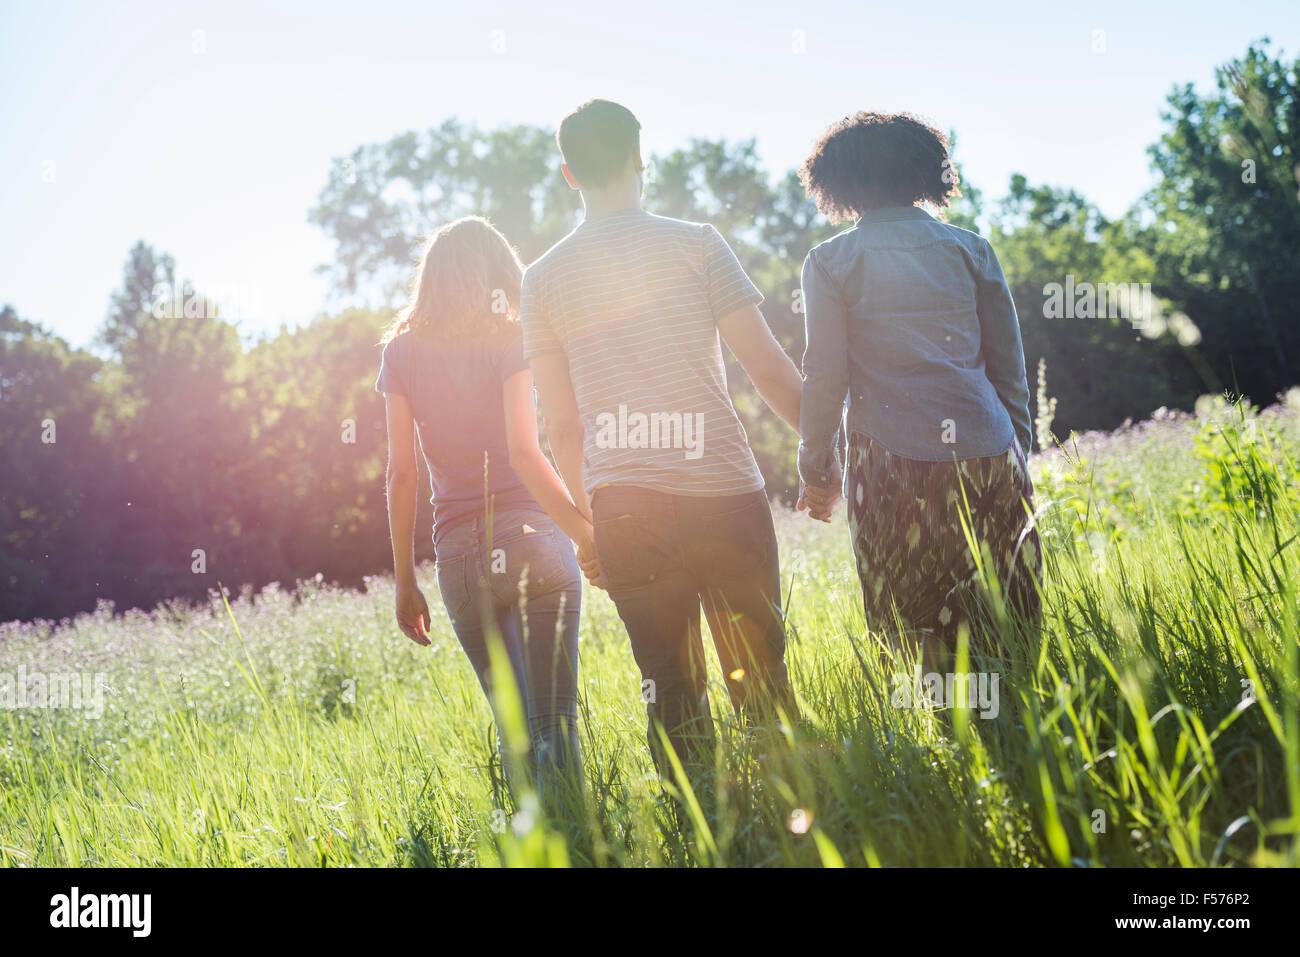 Tres personas caminando de la mano a través de la maleza, en verano. Vista trasera. Imagen De Stock